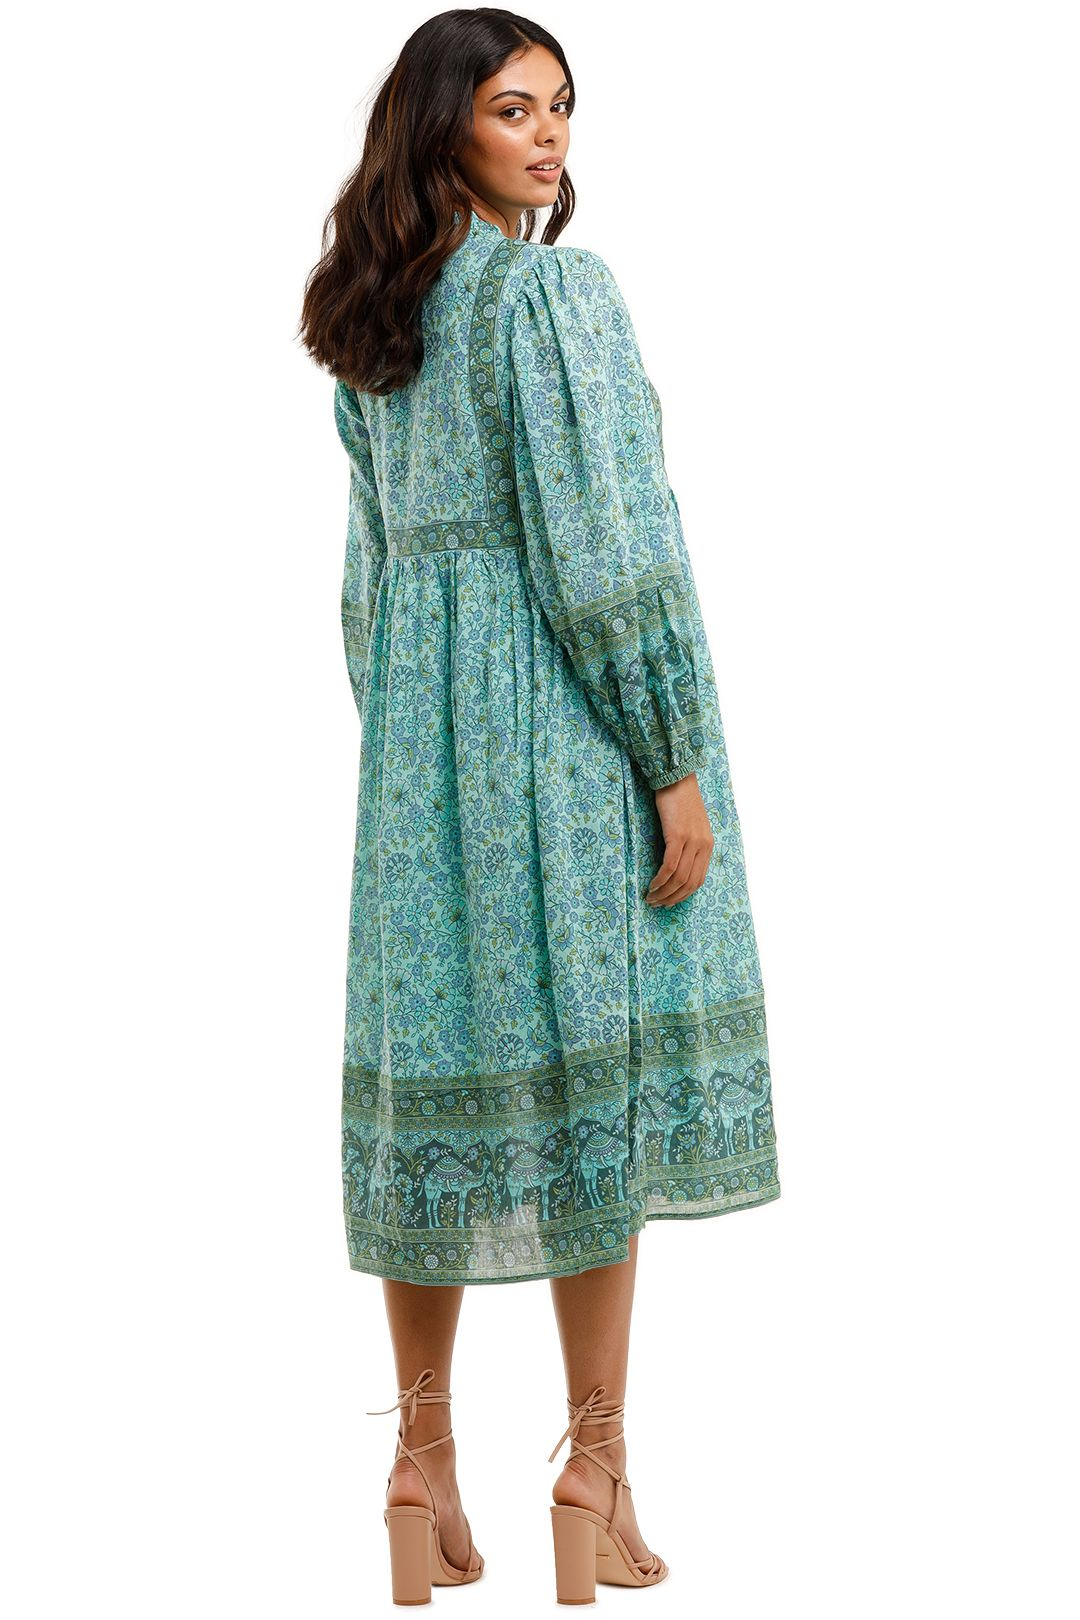 Spell Sundown Boho Dress Turquoise Tie Neck